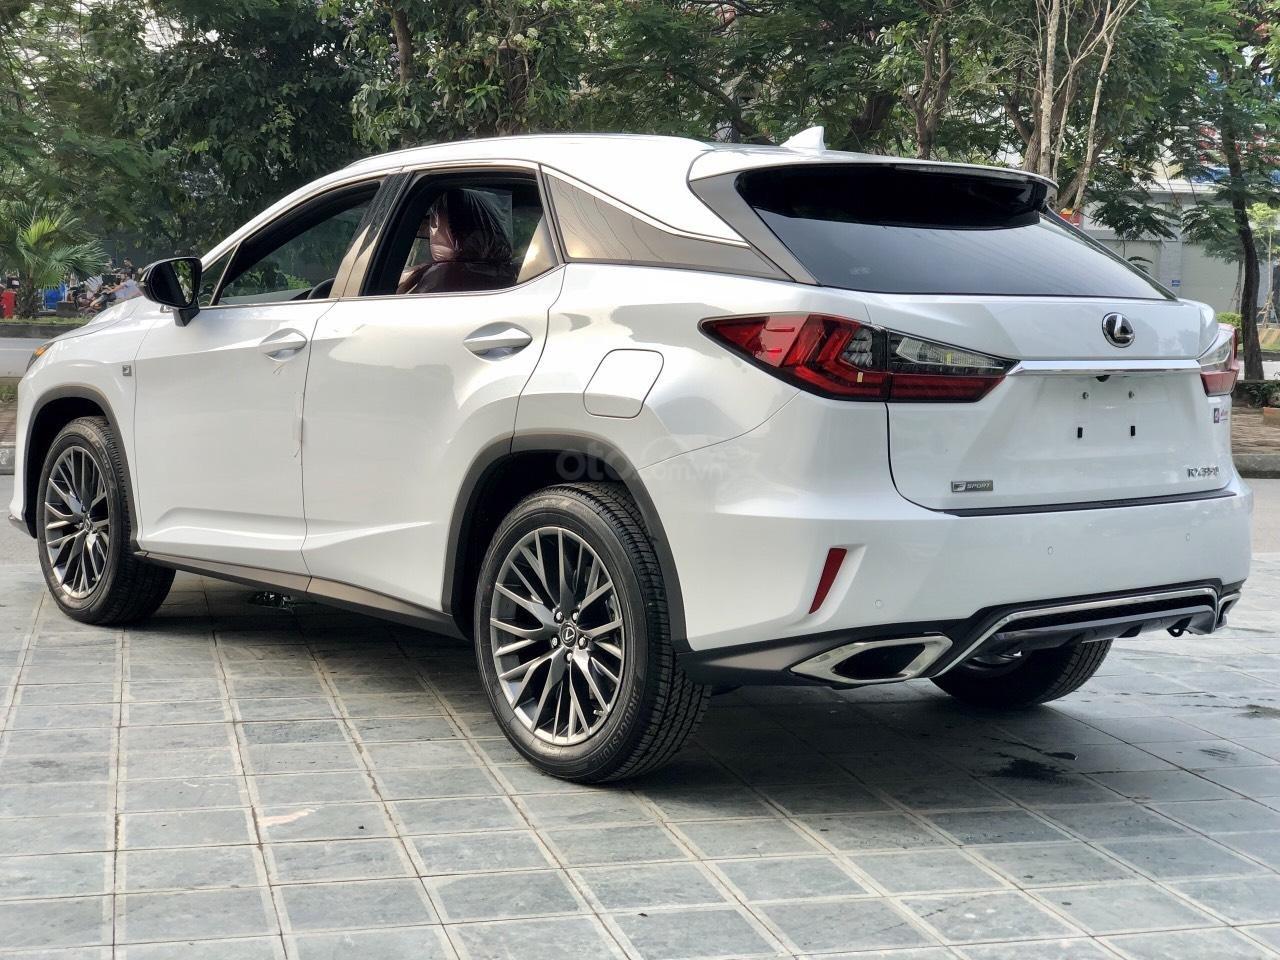 Bán Lexus RX Fsport sản xuất năm 2019, xe nhập Mỹ LH 0945.39.2468 Ms Hương (4)